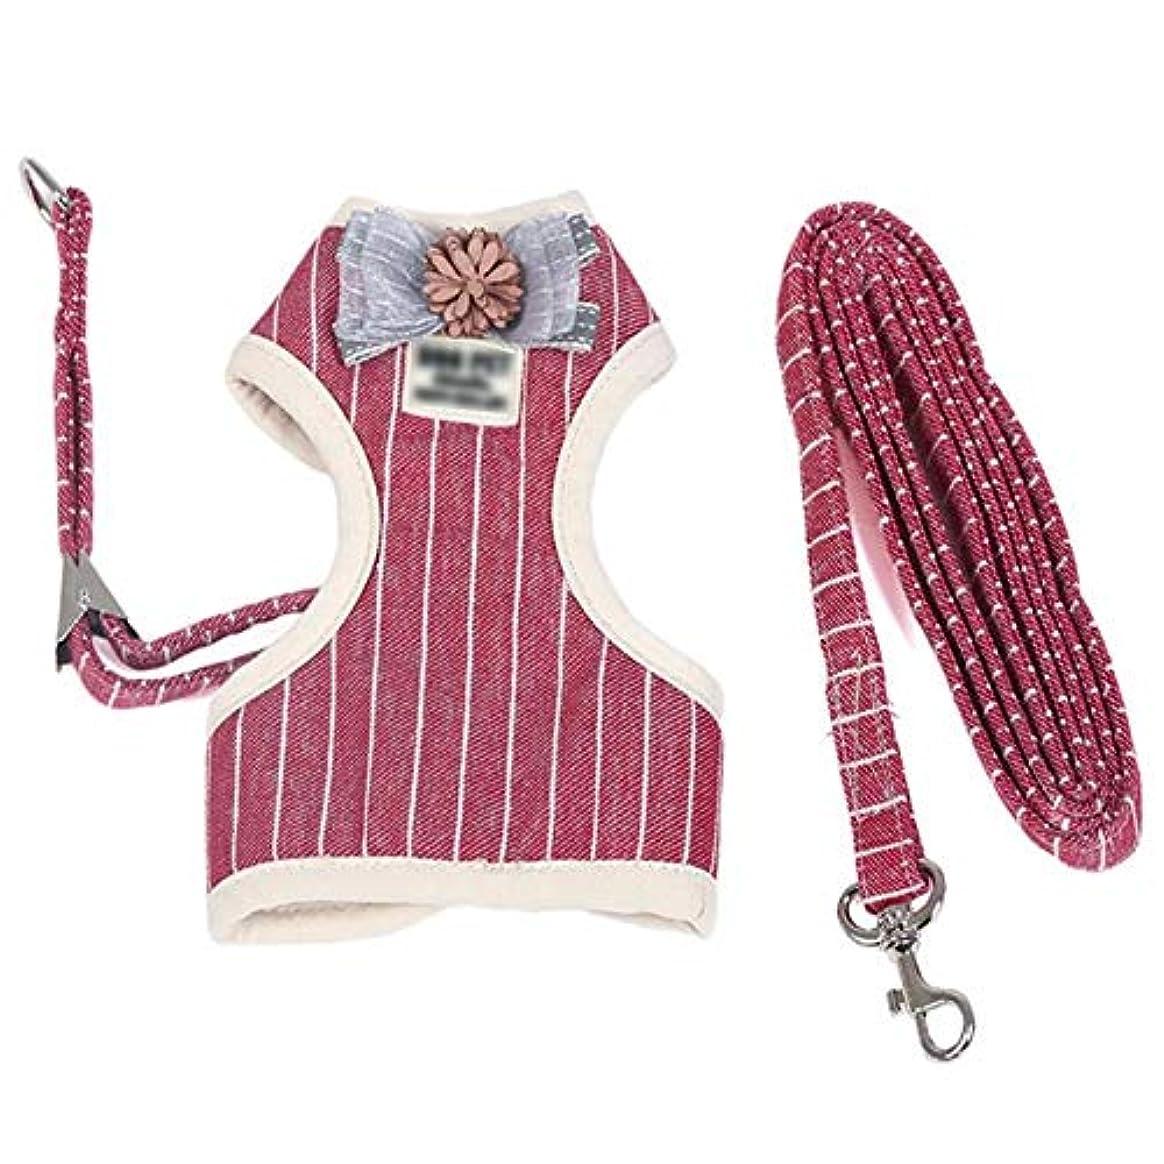 望み戦闘確かな犬の鎖、ベスト型牽引ロープ中小犬の鎖猫の鎖ハイエナロープペット胸部ストラップ用品 (色 : 1002-L)